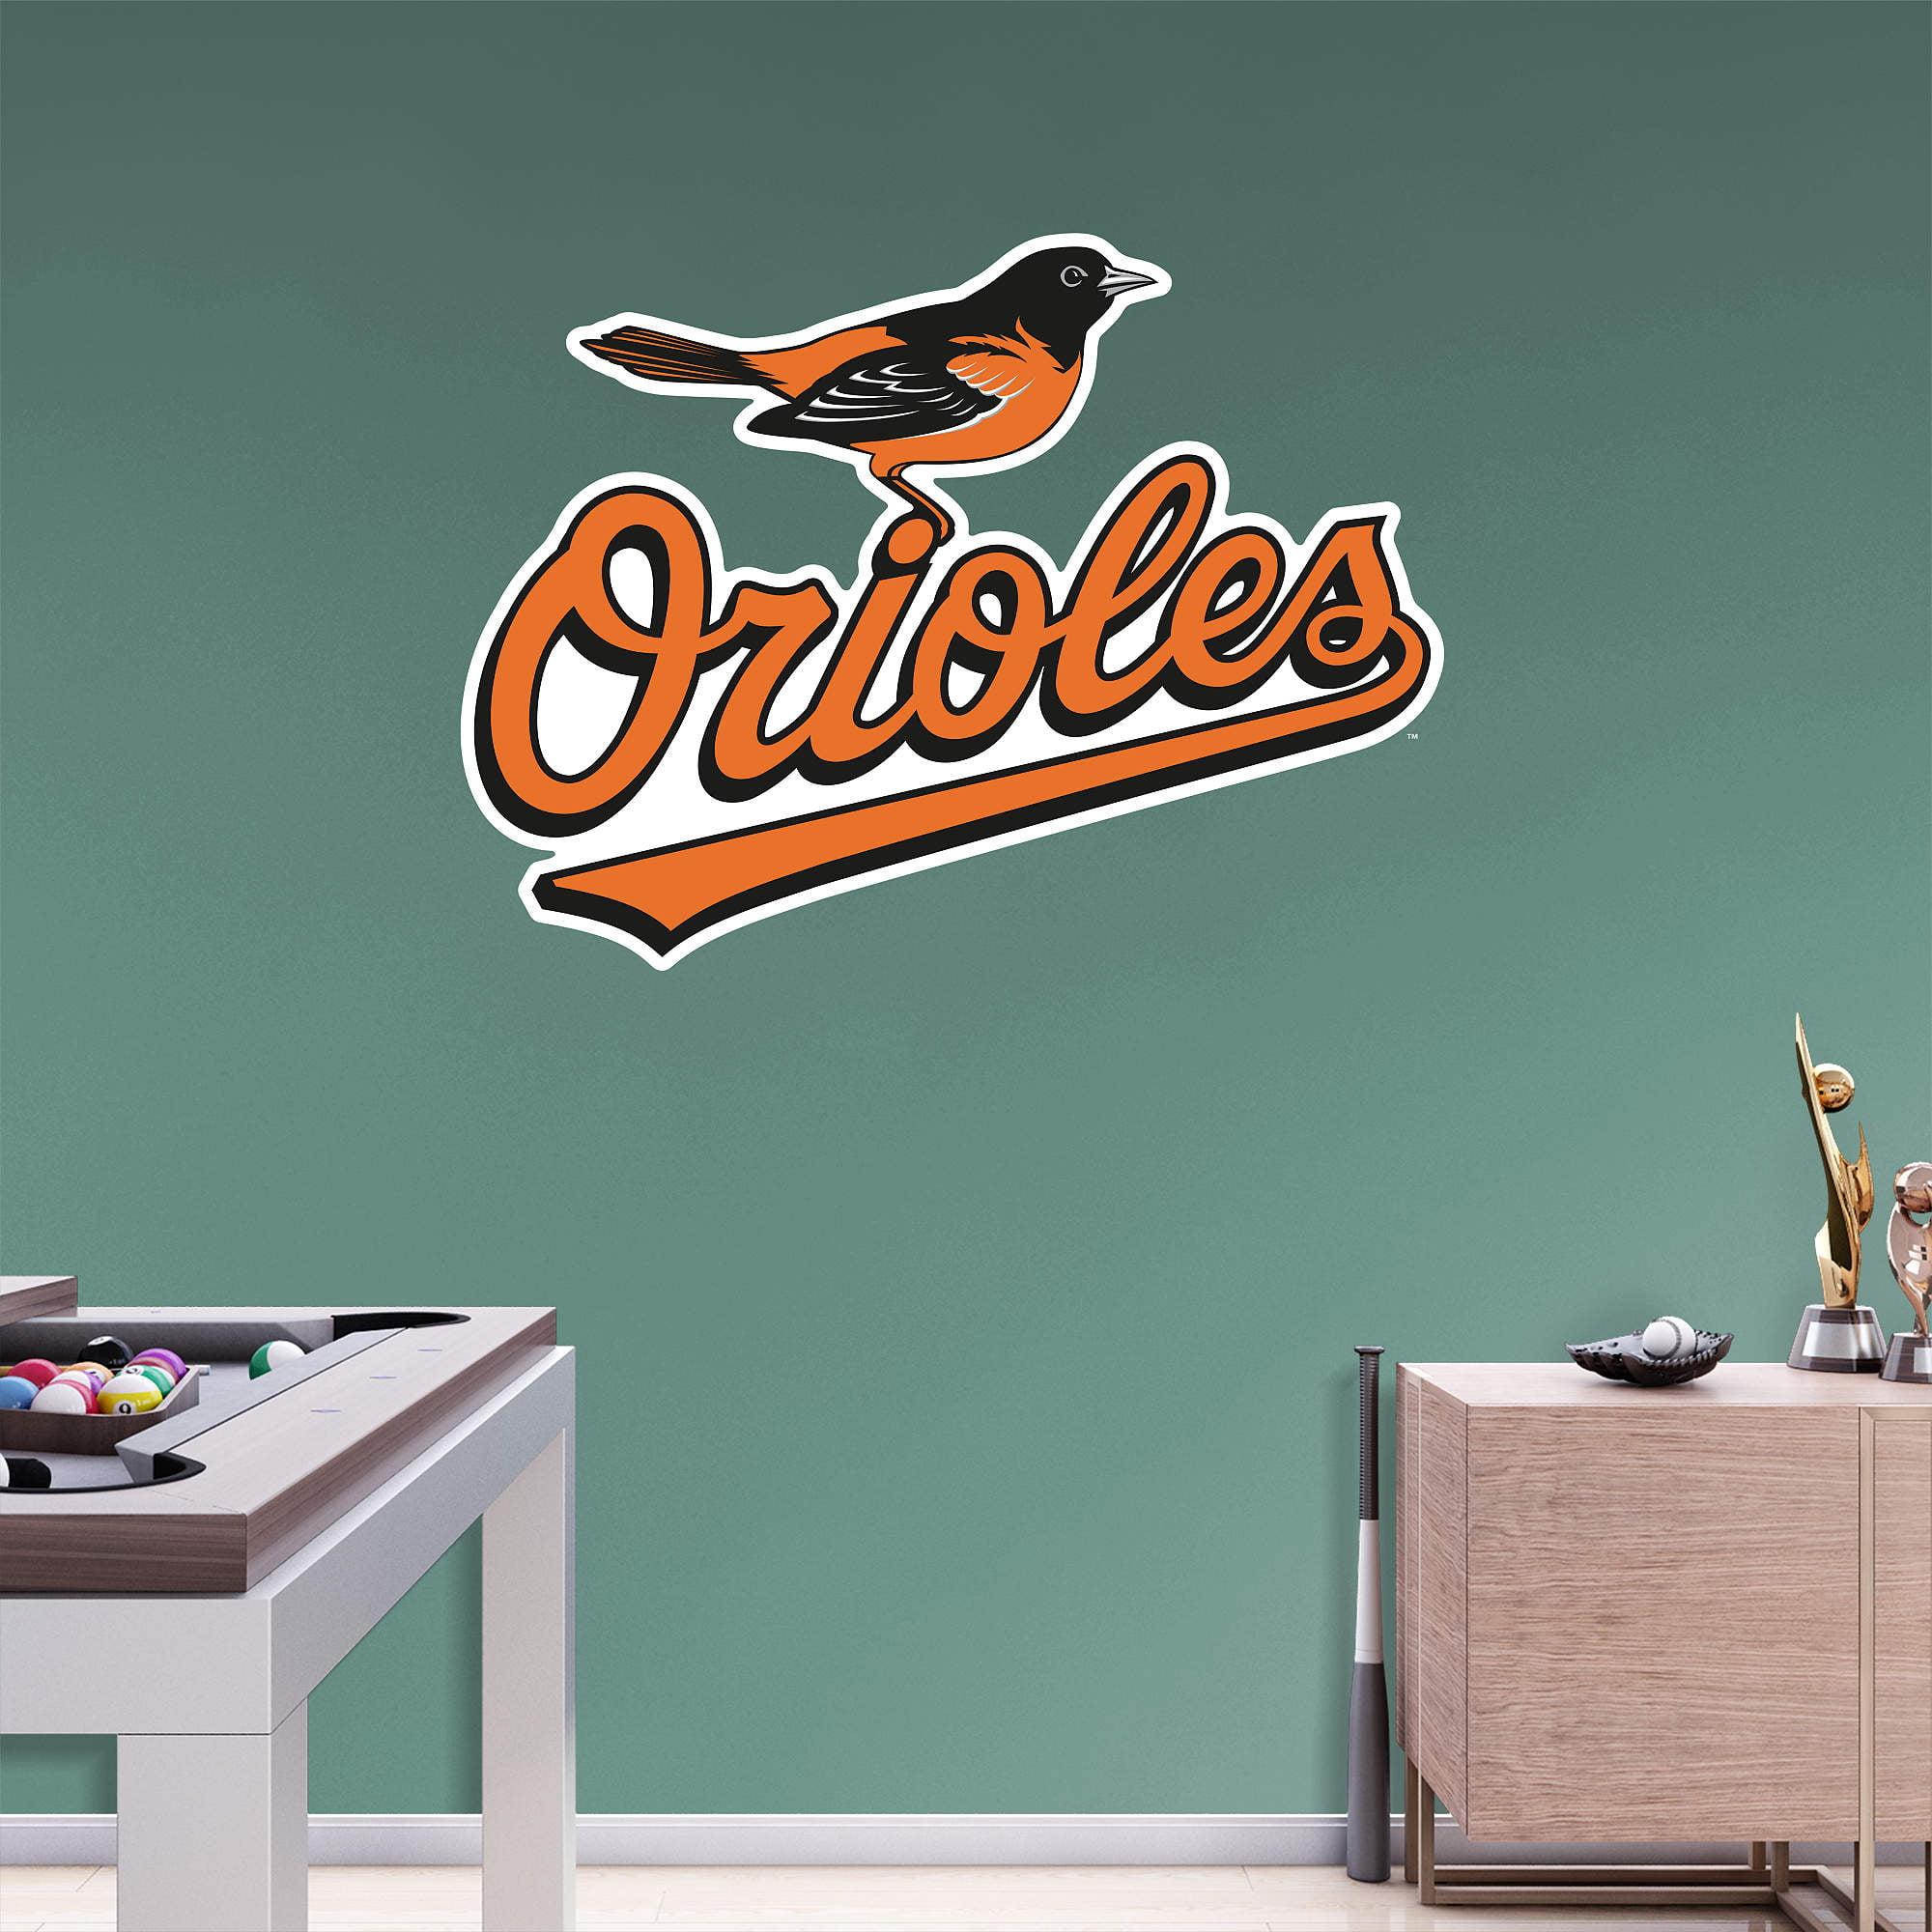 Baltimore Orioles Fathead Team Logo Wall Decal - No Size